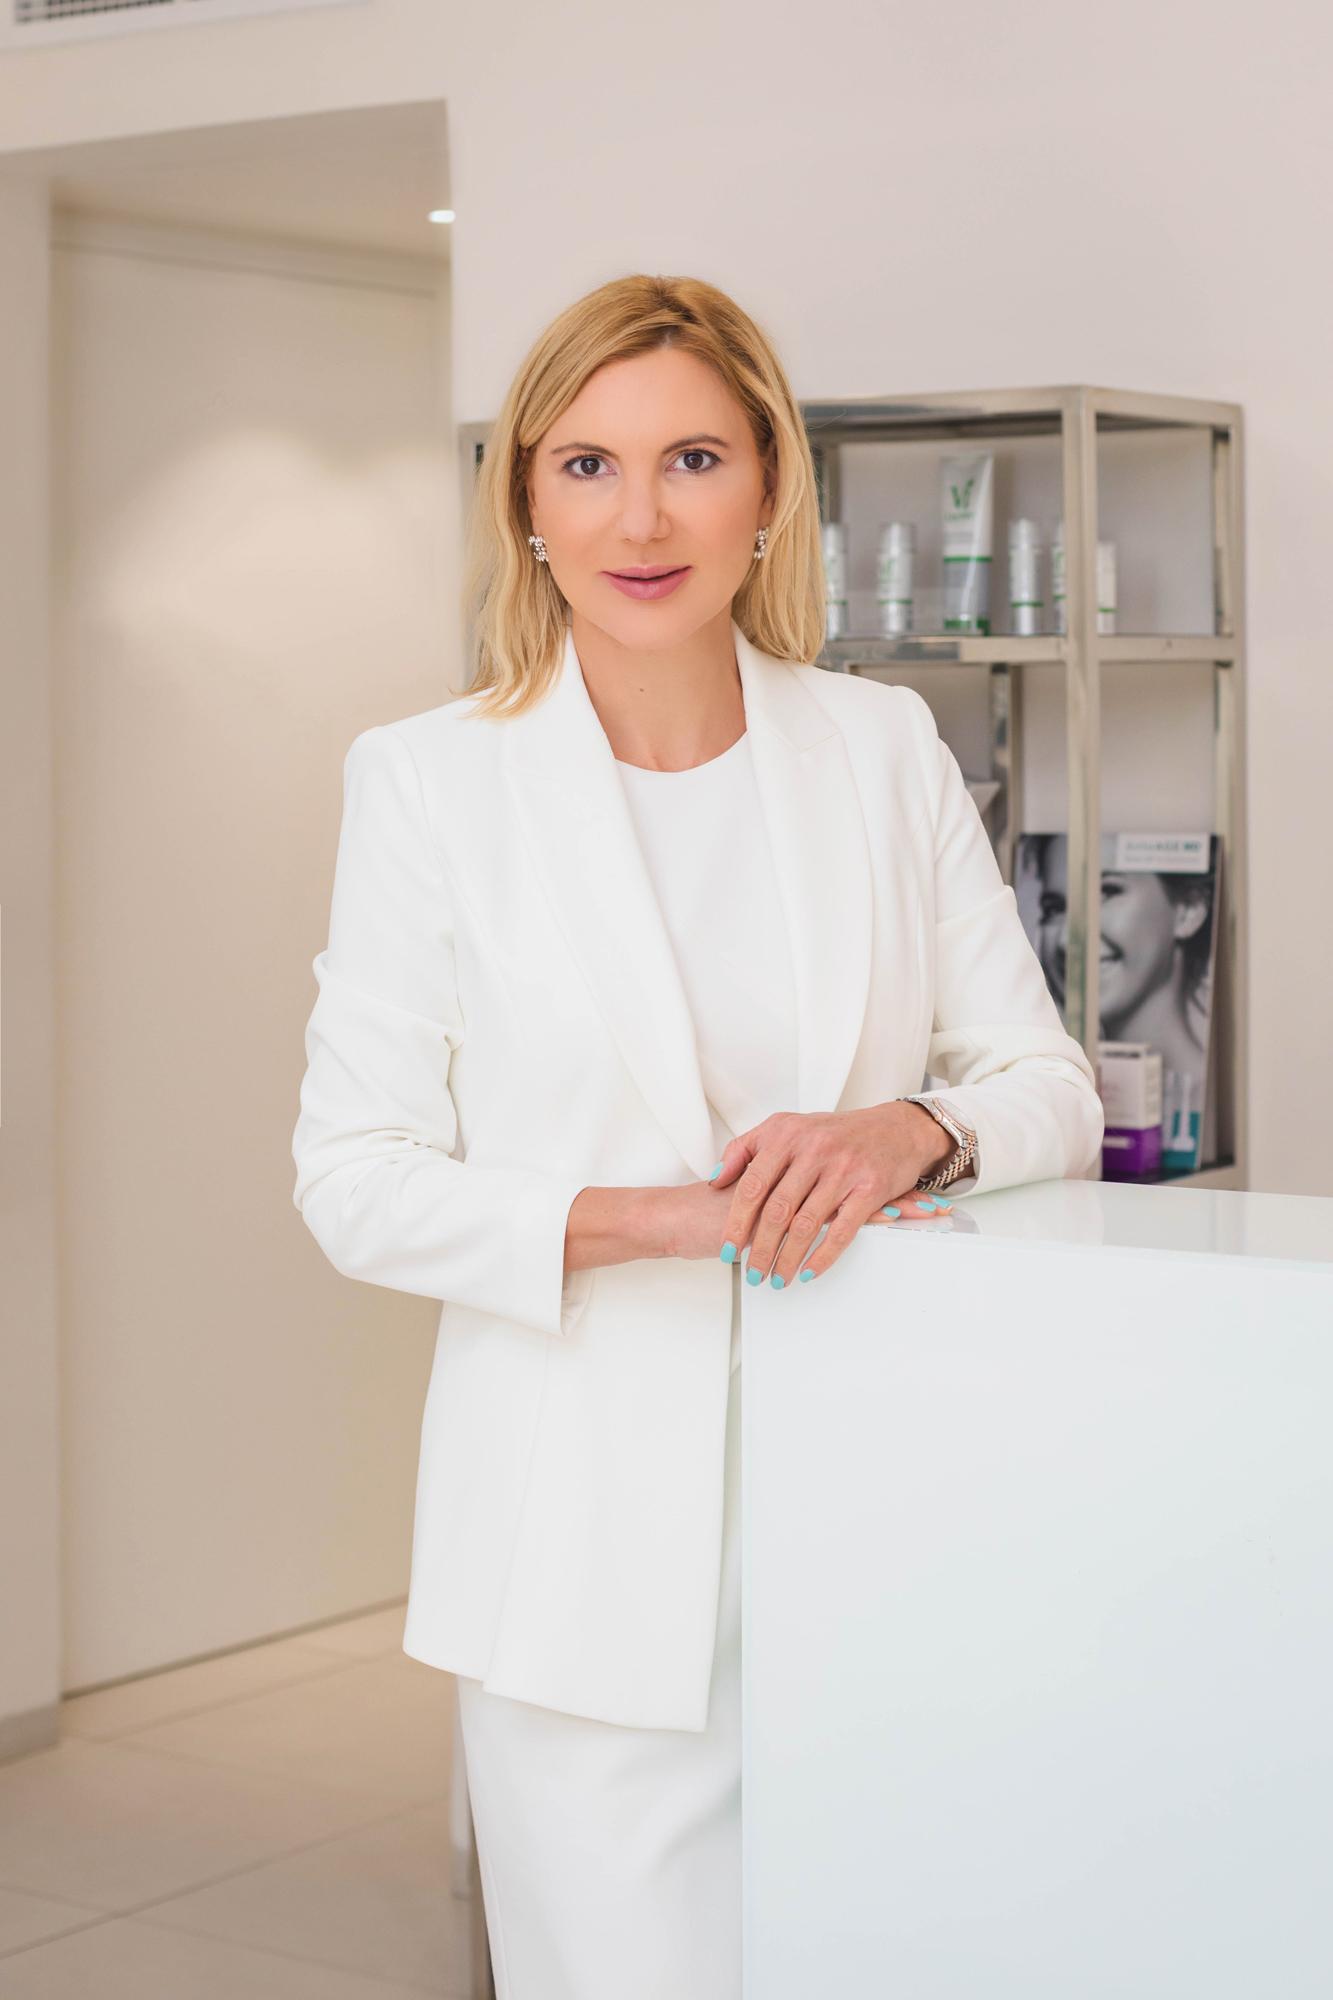 About Dr. Radmila Lukian